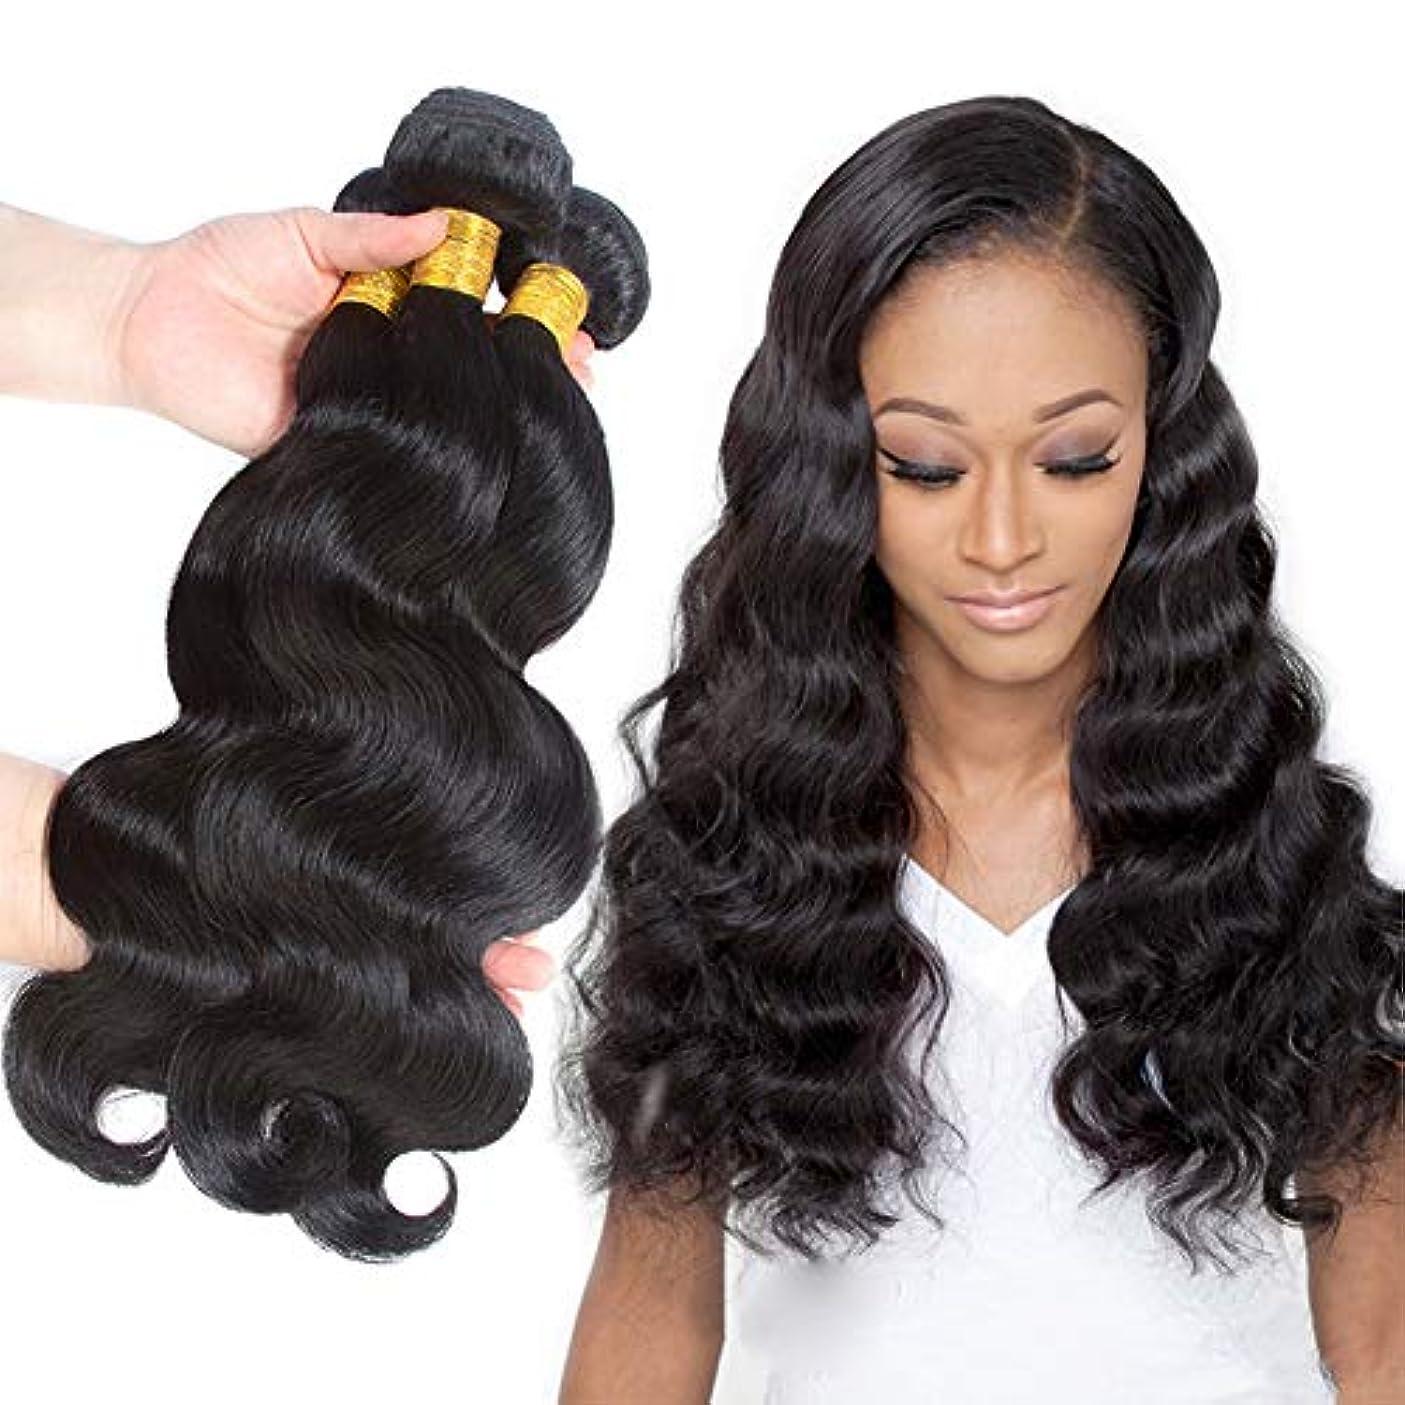 母農奴うまれたWASAIO 10インチ-26インチ)、ブラジルのボディウェーブの人間の毛髪の束スタイルの交換のための本能的な延長の付属品-色(100g / 1バンドル) (色 : 黒, サイズ : 10 inch)